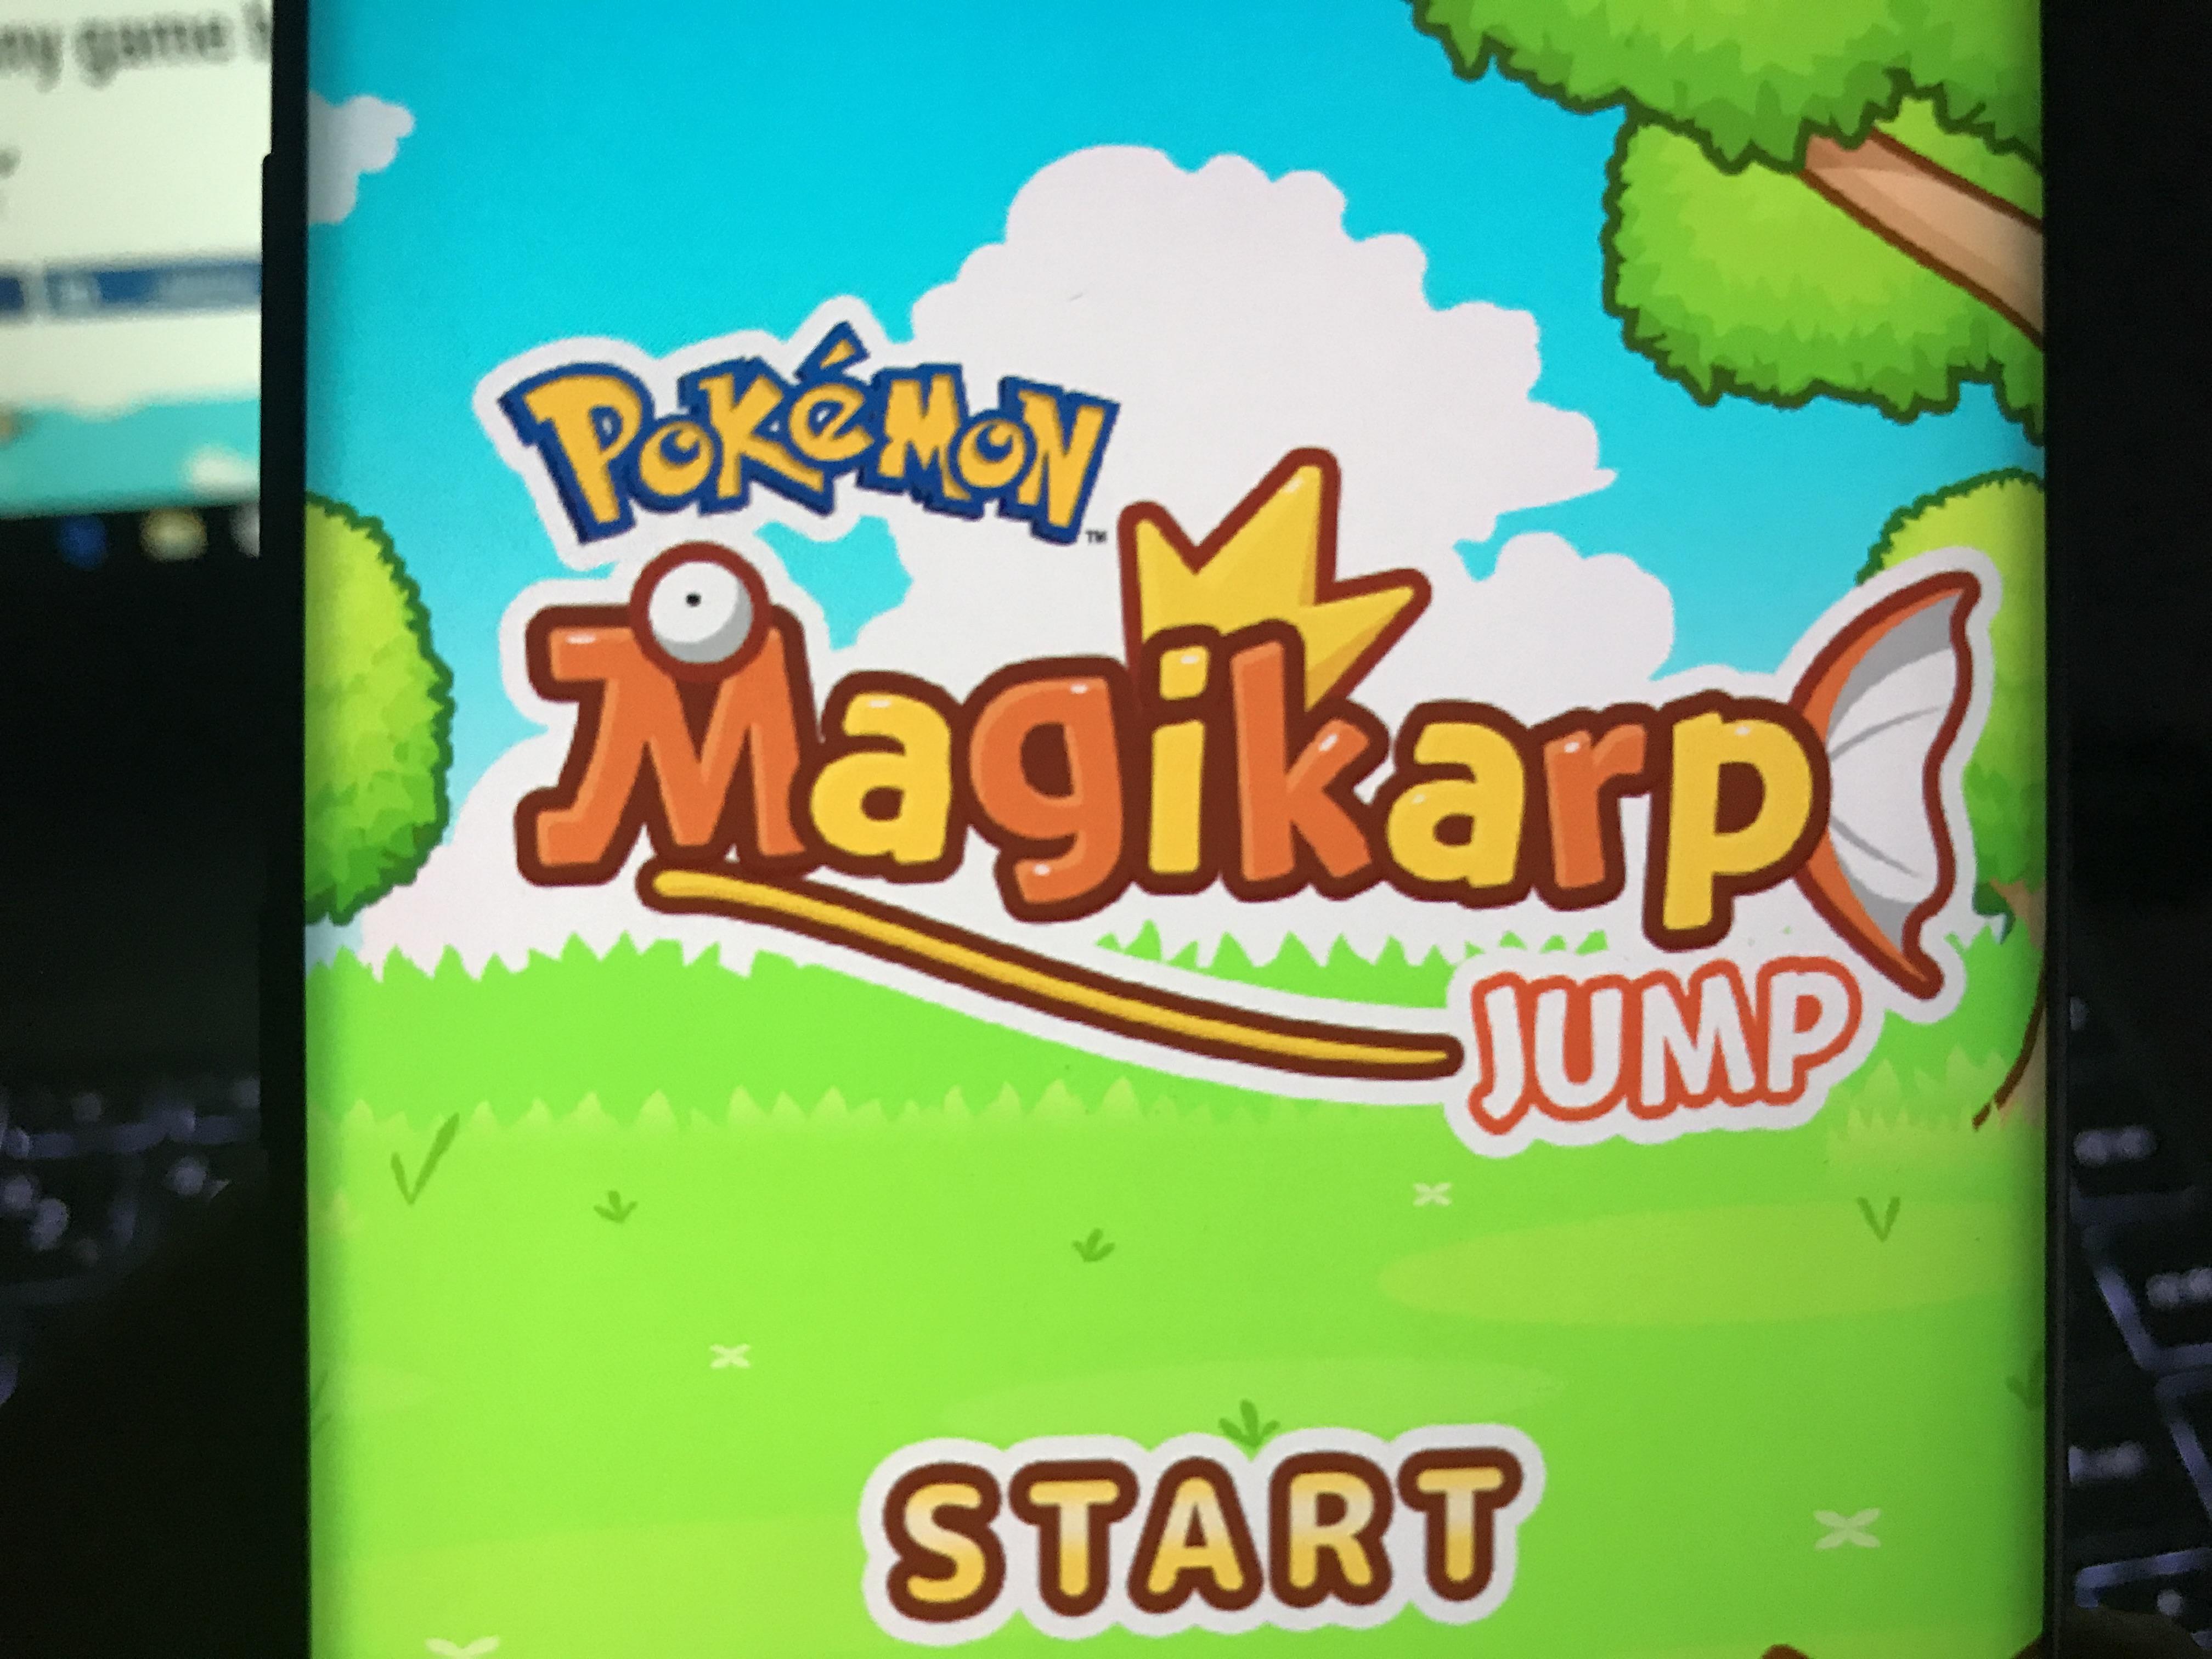 Pokemon_ Magikarp_jump_mod_apk_hackjpg (3)